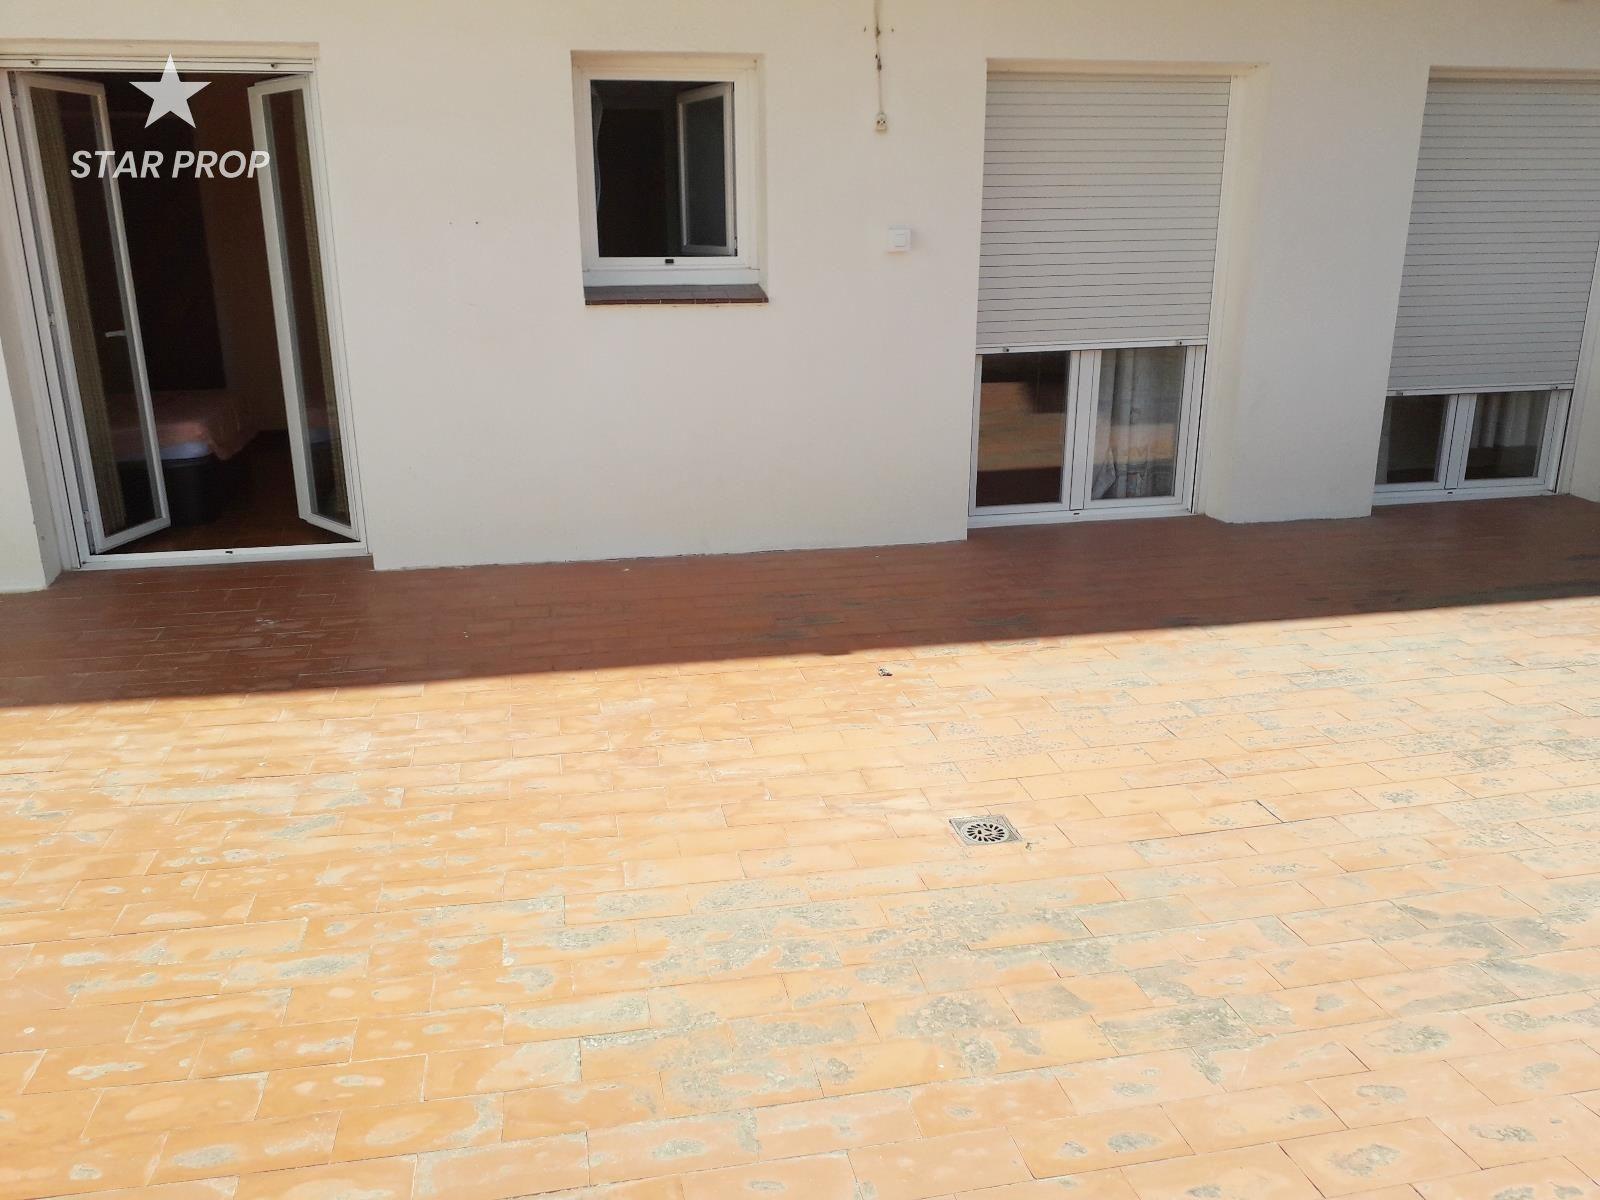 Alquiler Piso  Port llança. Disponible de setiembre a junio piso en llançá de 70m² con terra